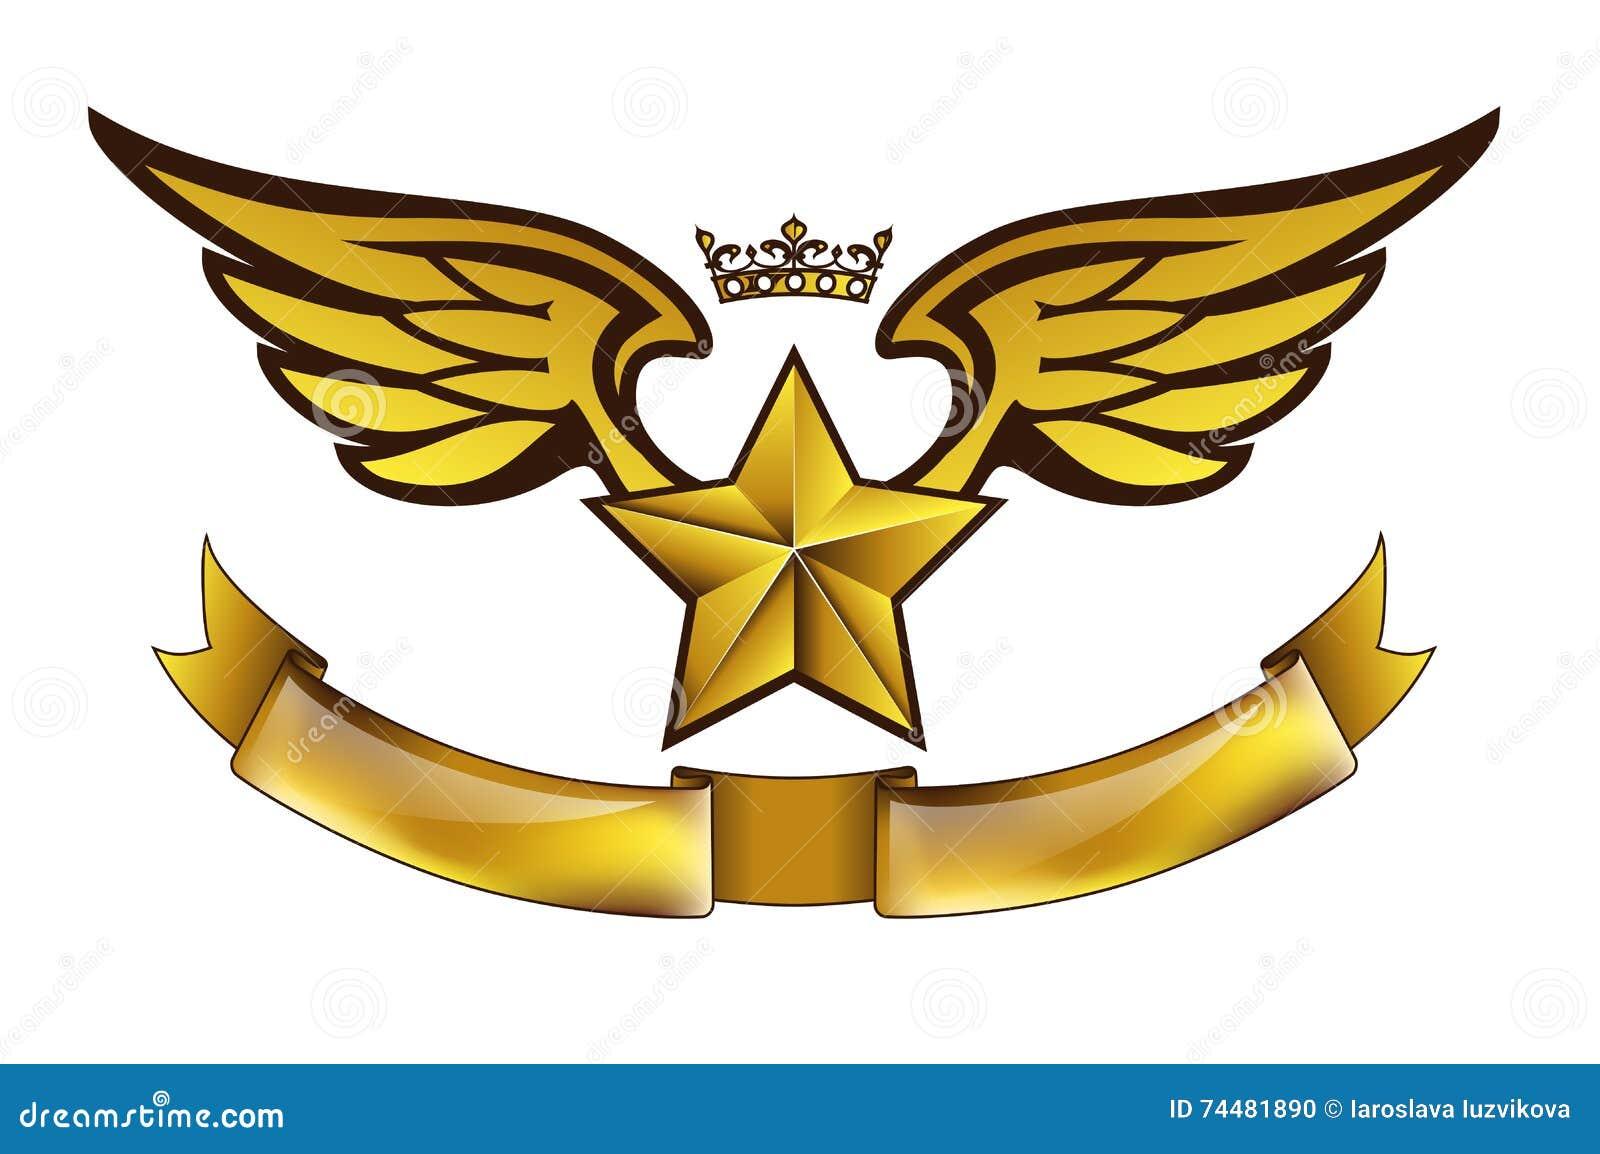 Star Wings